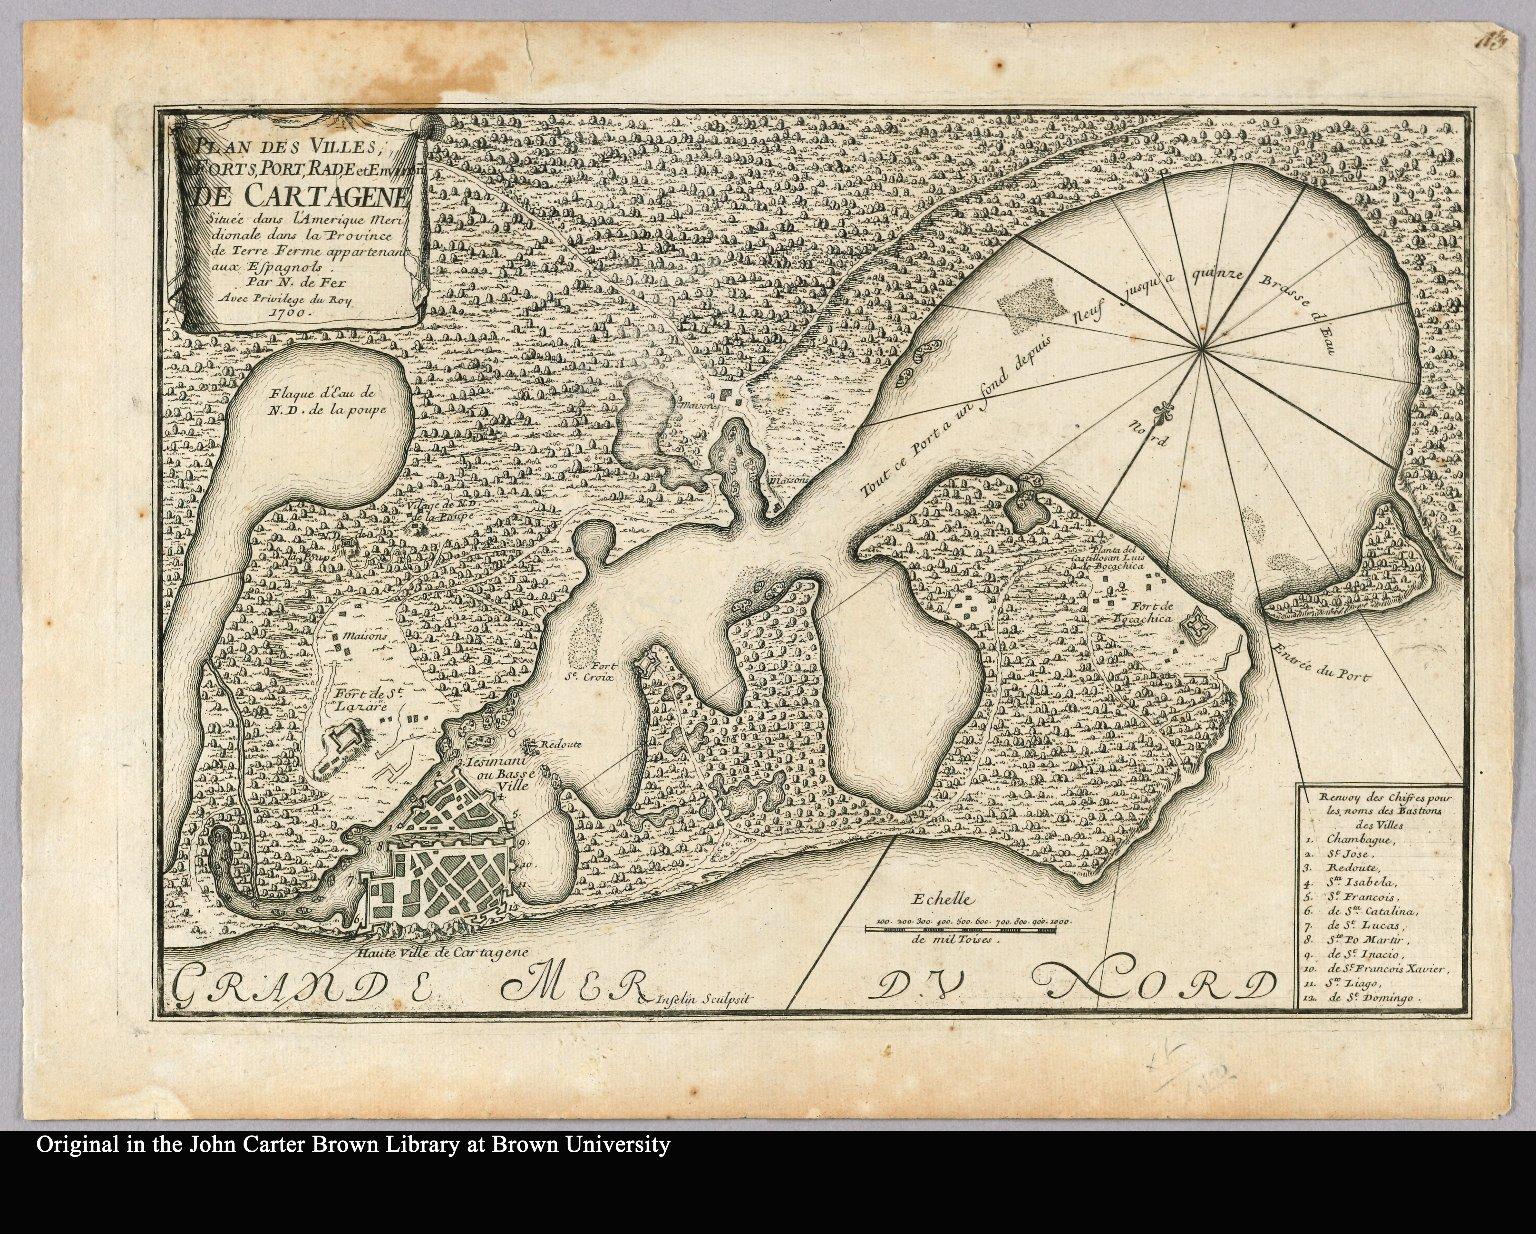 Plan des villes, forts, port, rade et environs de Cartagene située dans l'Amerique Meridionale dans la Province de Terre Ferme appartenant aux Espagnols